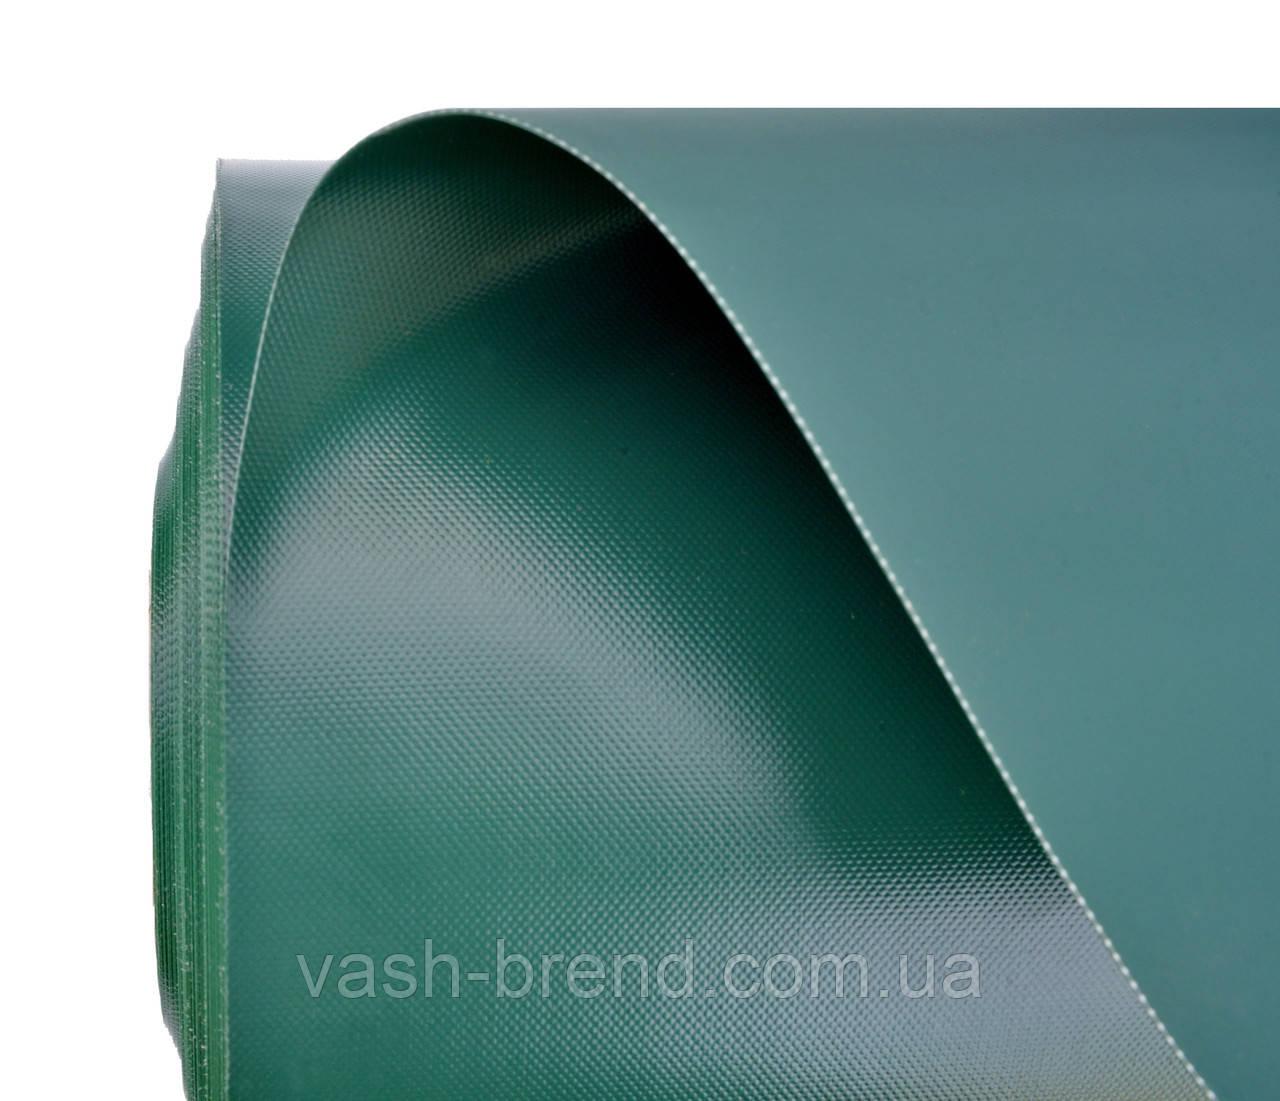 Тканина ПВХ (PVC) 50х2,05м олива 950гр рулон